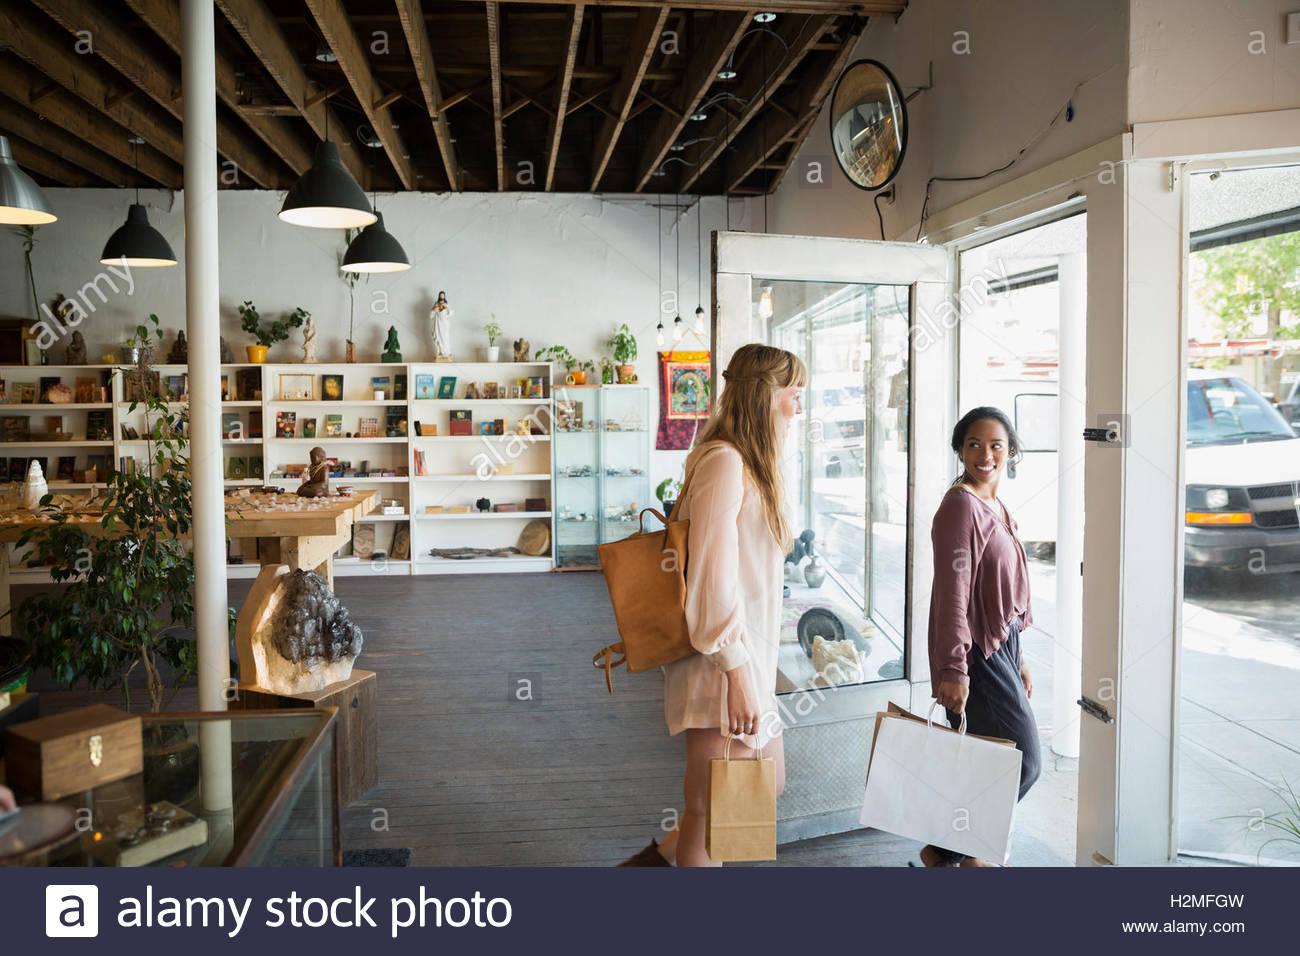 Les femmes les amis de quitter le nouvel âge shop with shopping bags Photo Stock